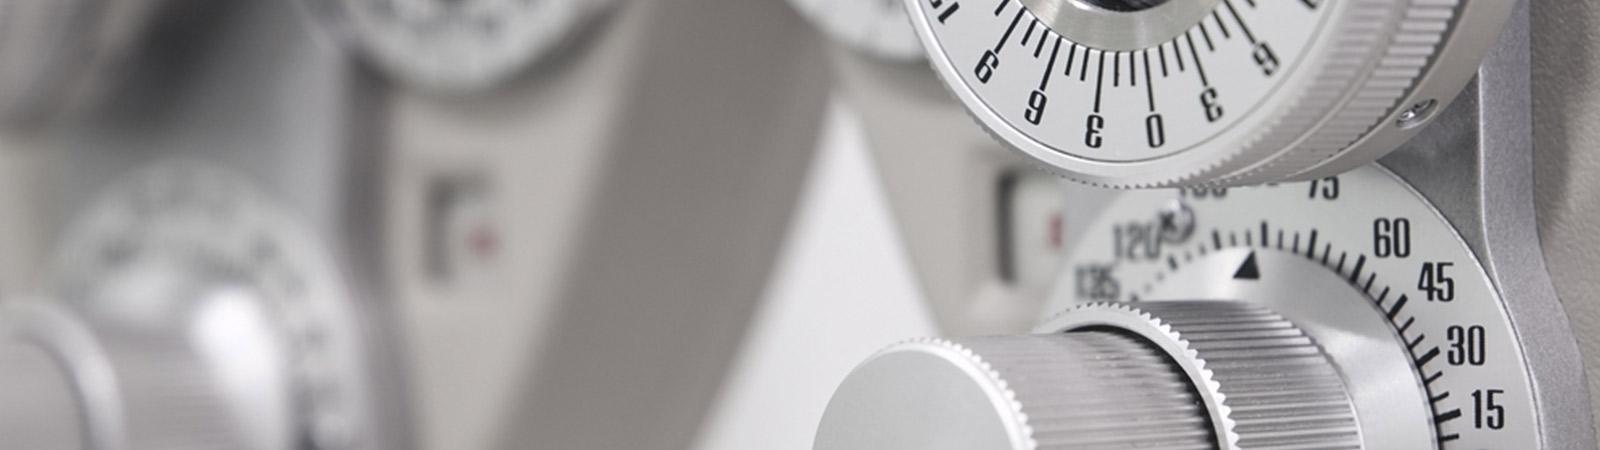 Myrtle Beach Eye Doctor